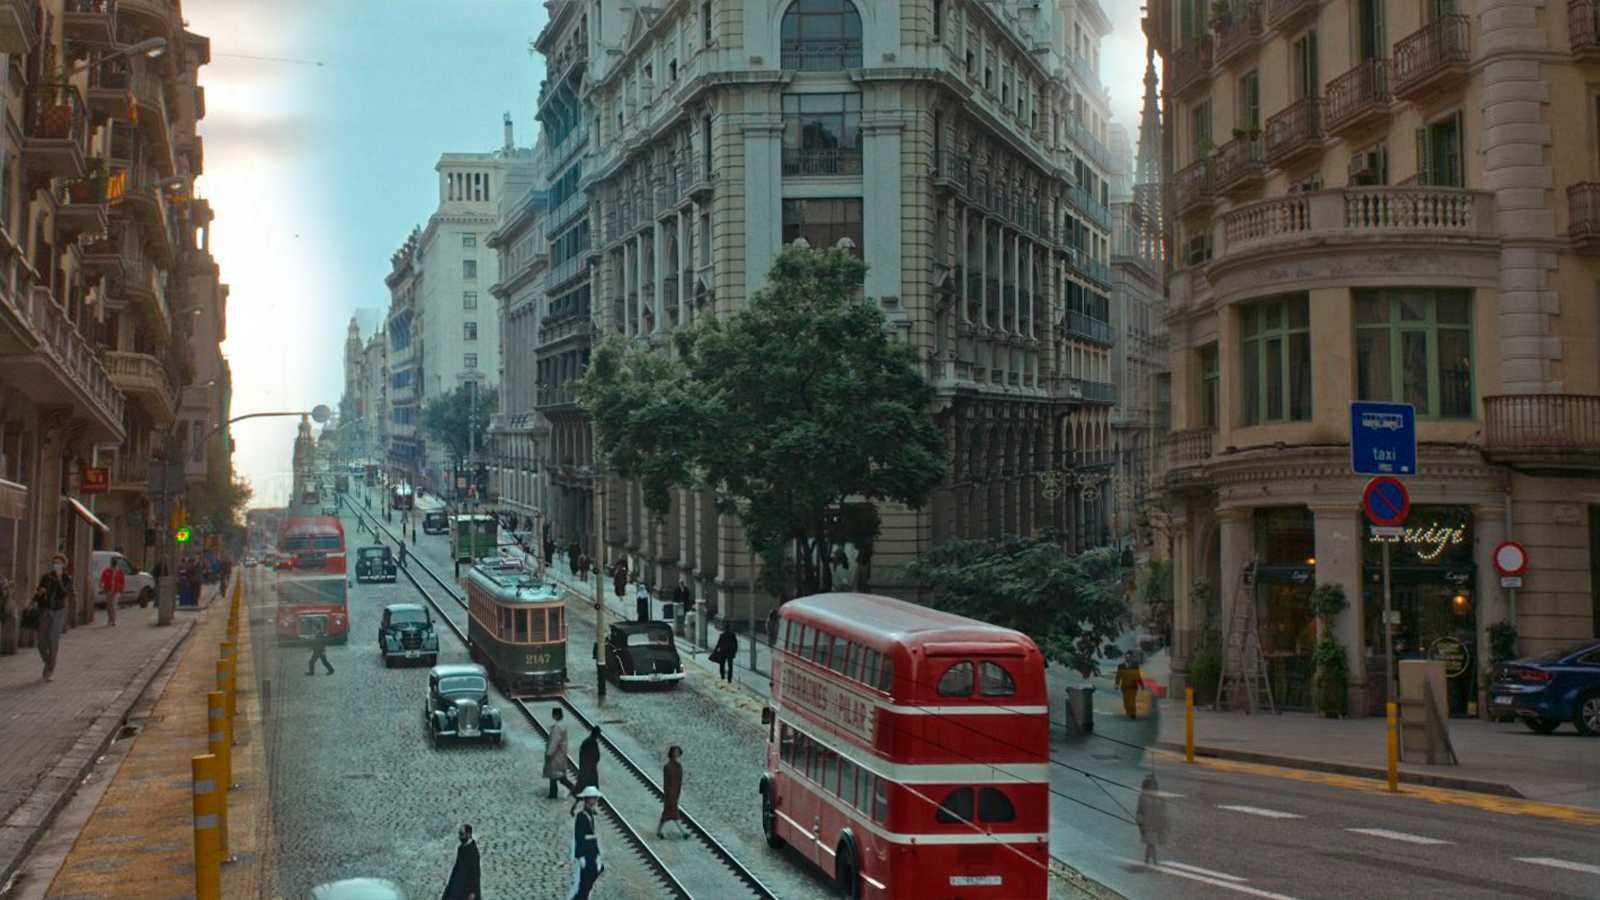 La Via Laietana es una de las localizaciones del anuncio del Gordo de este año.